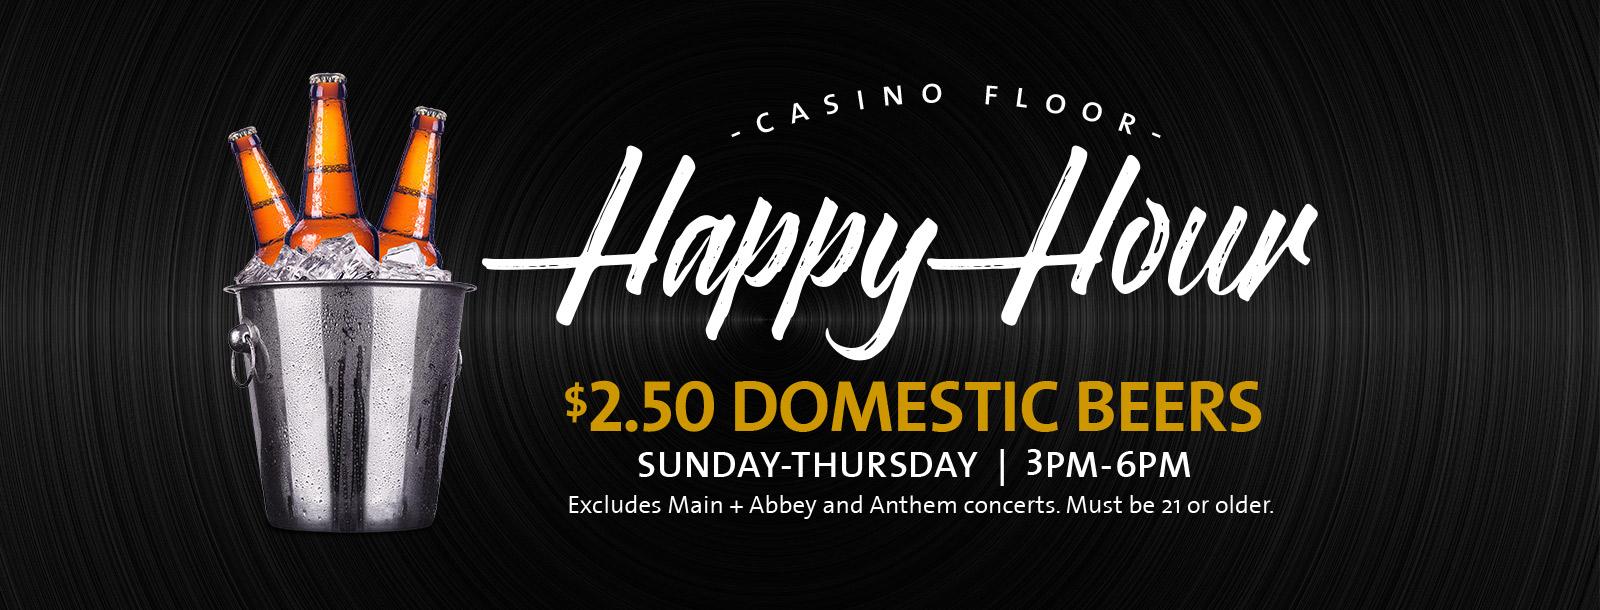 casino happy hour